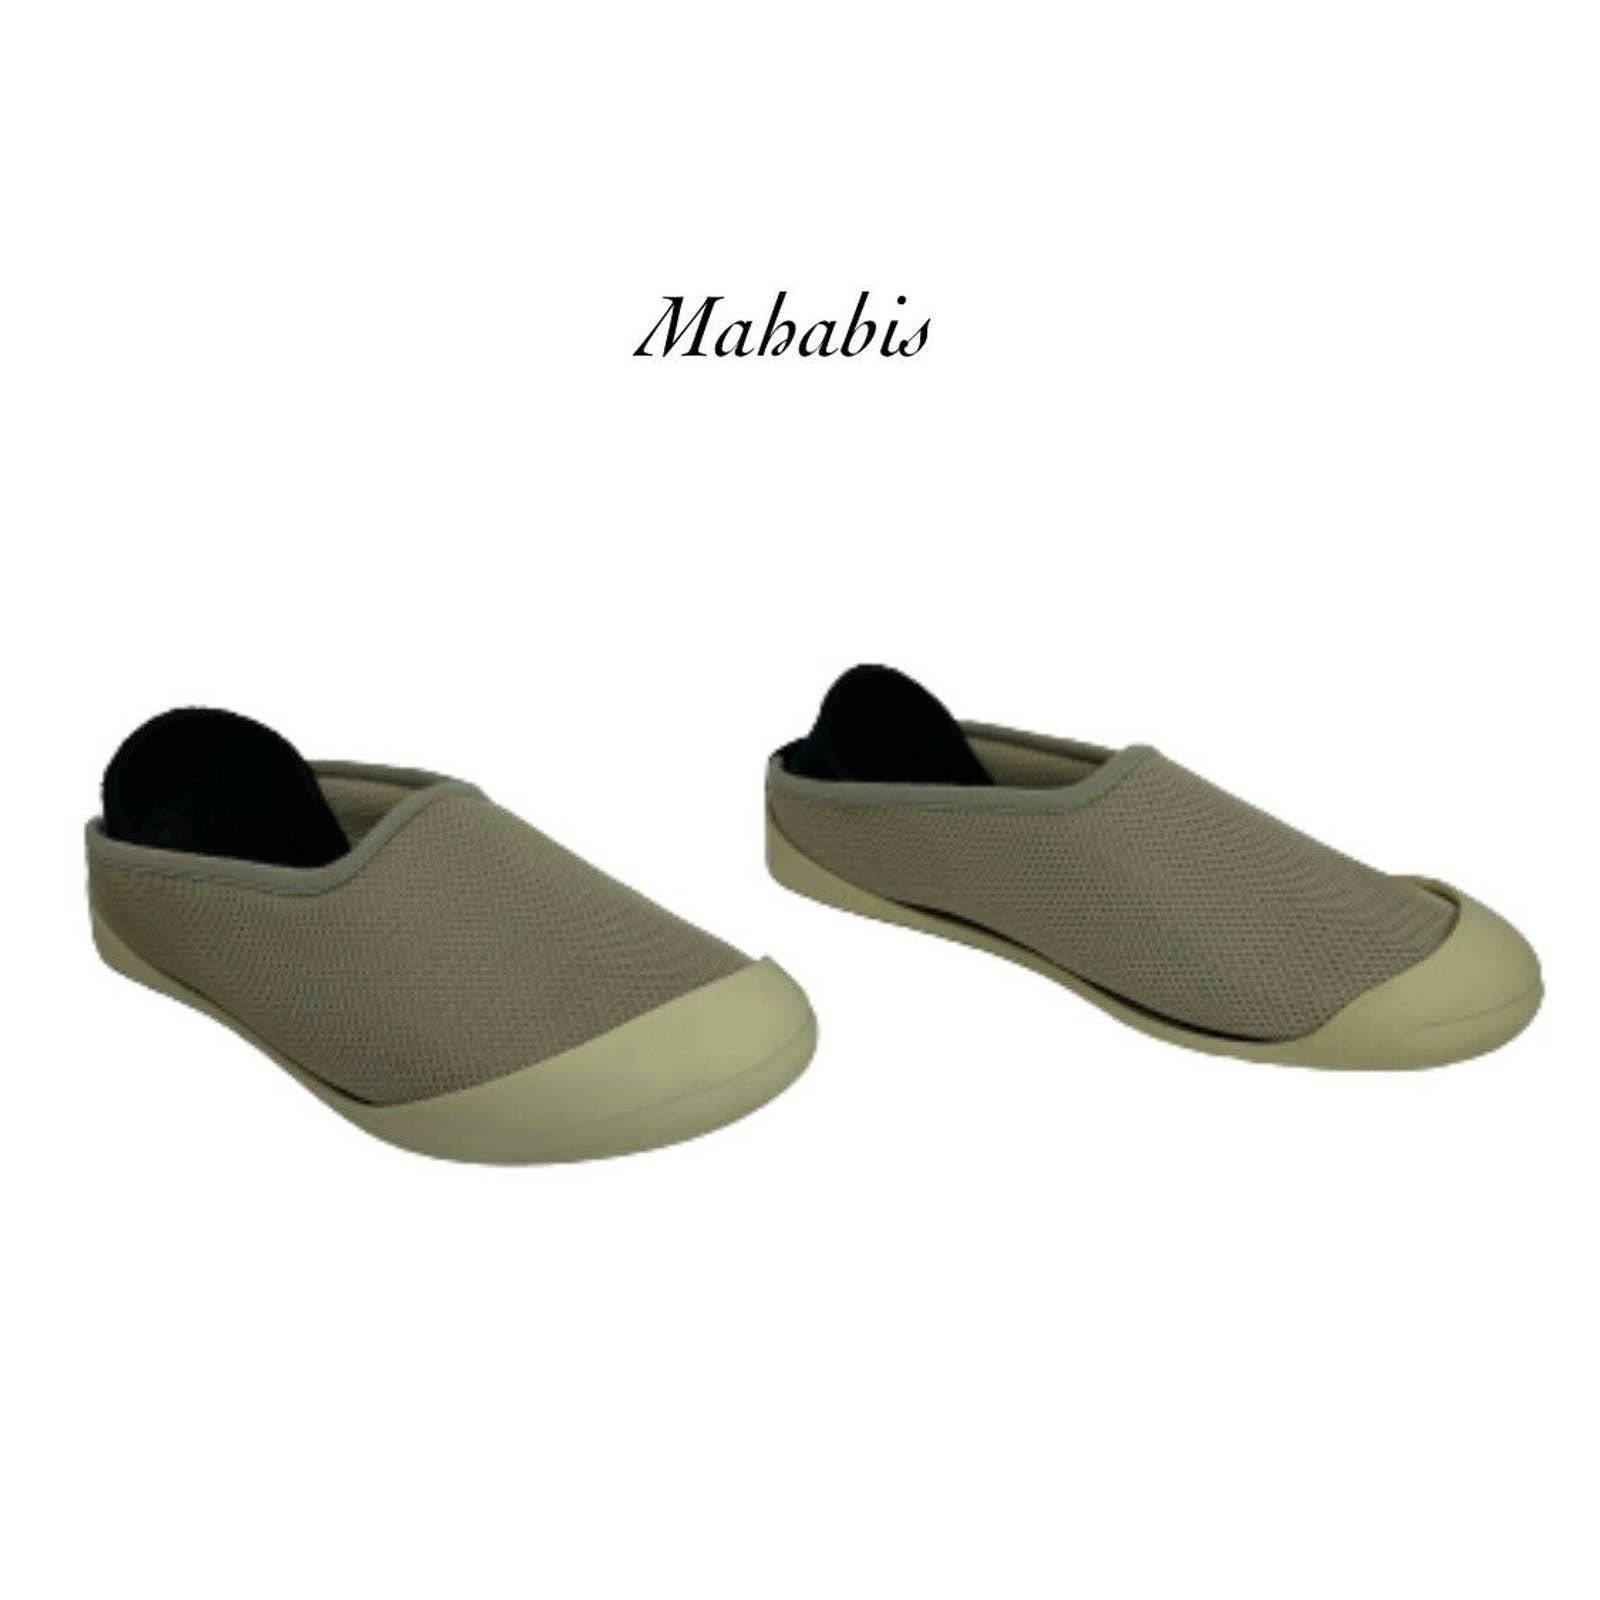 Mahabis Shoes Detachable Rubber Soles